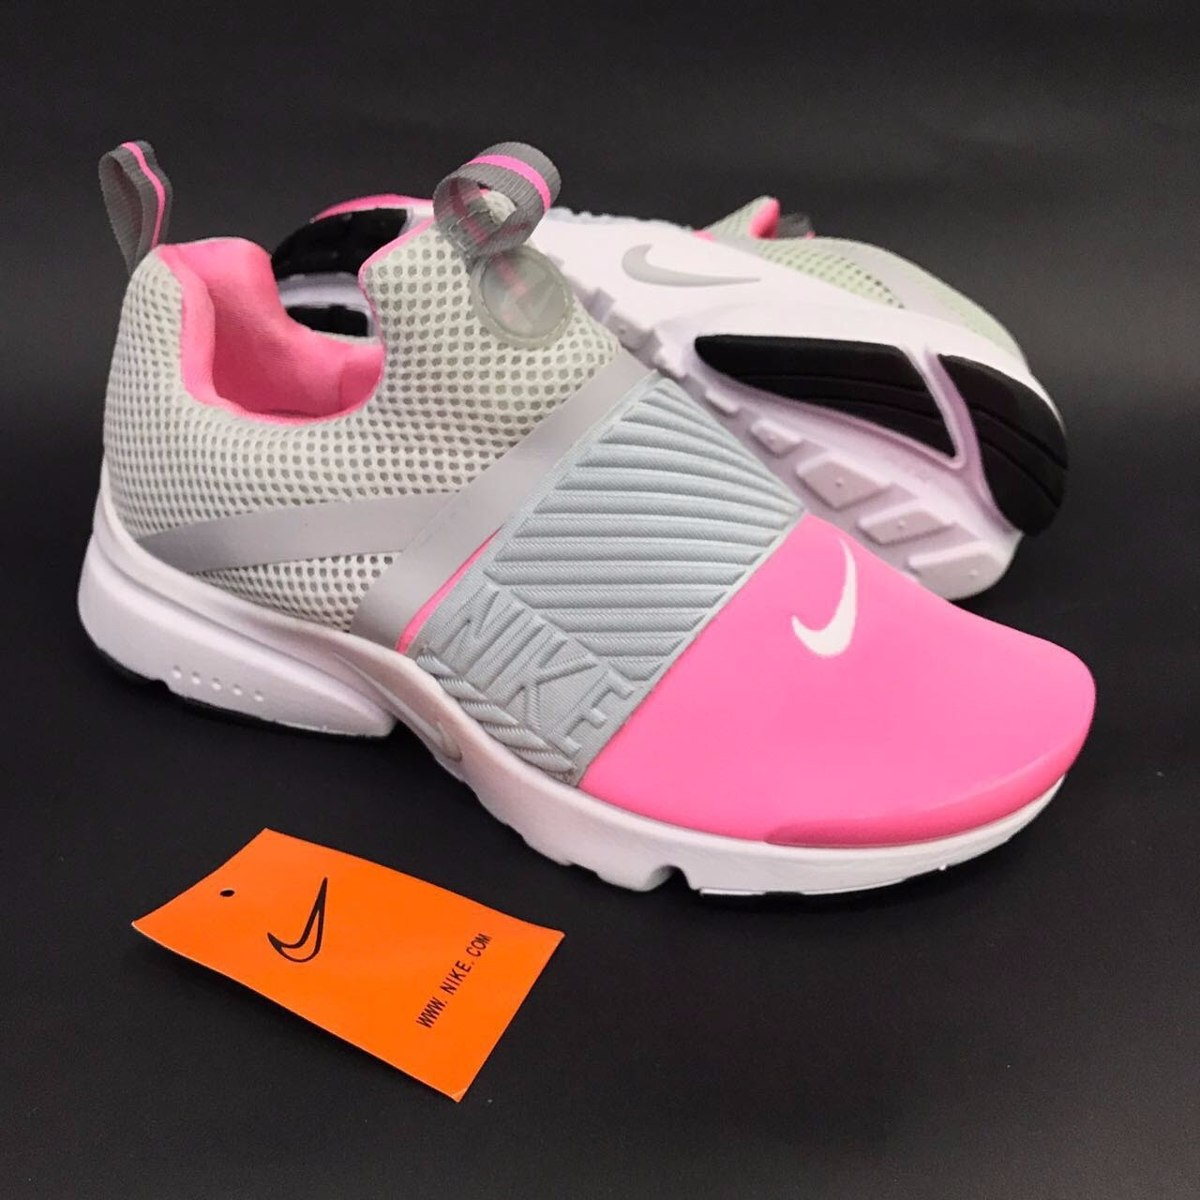 Tenis Zapatillas Nike Presto Banda Hombre Dama Envio Gratis